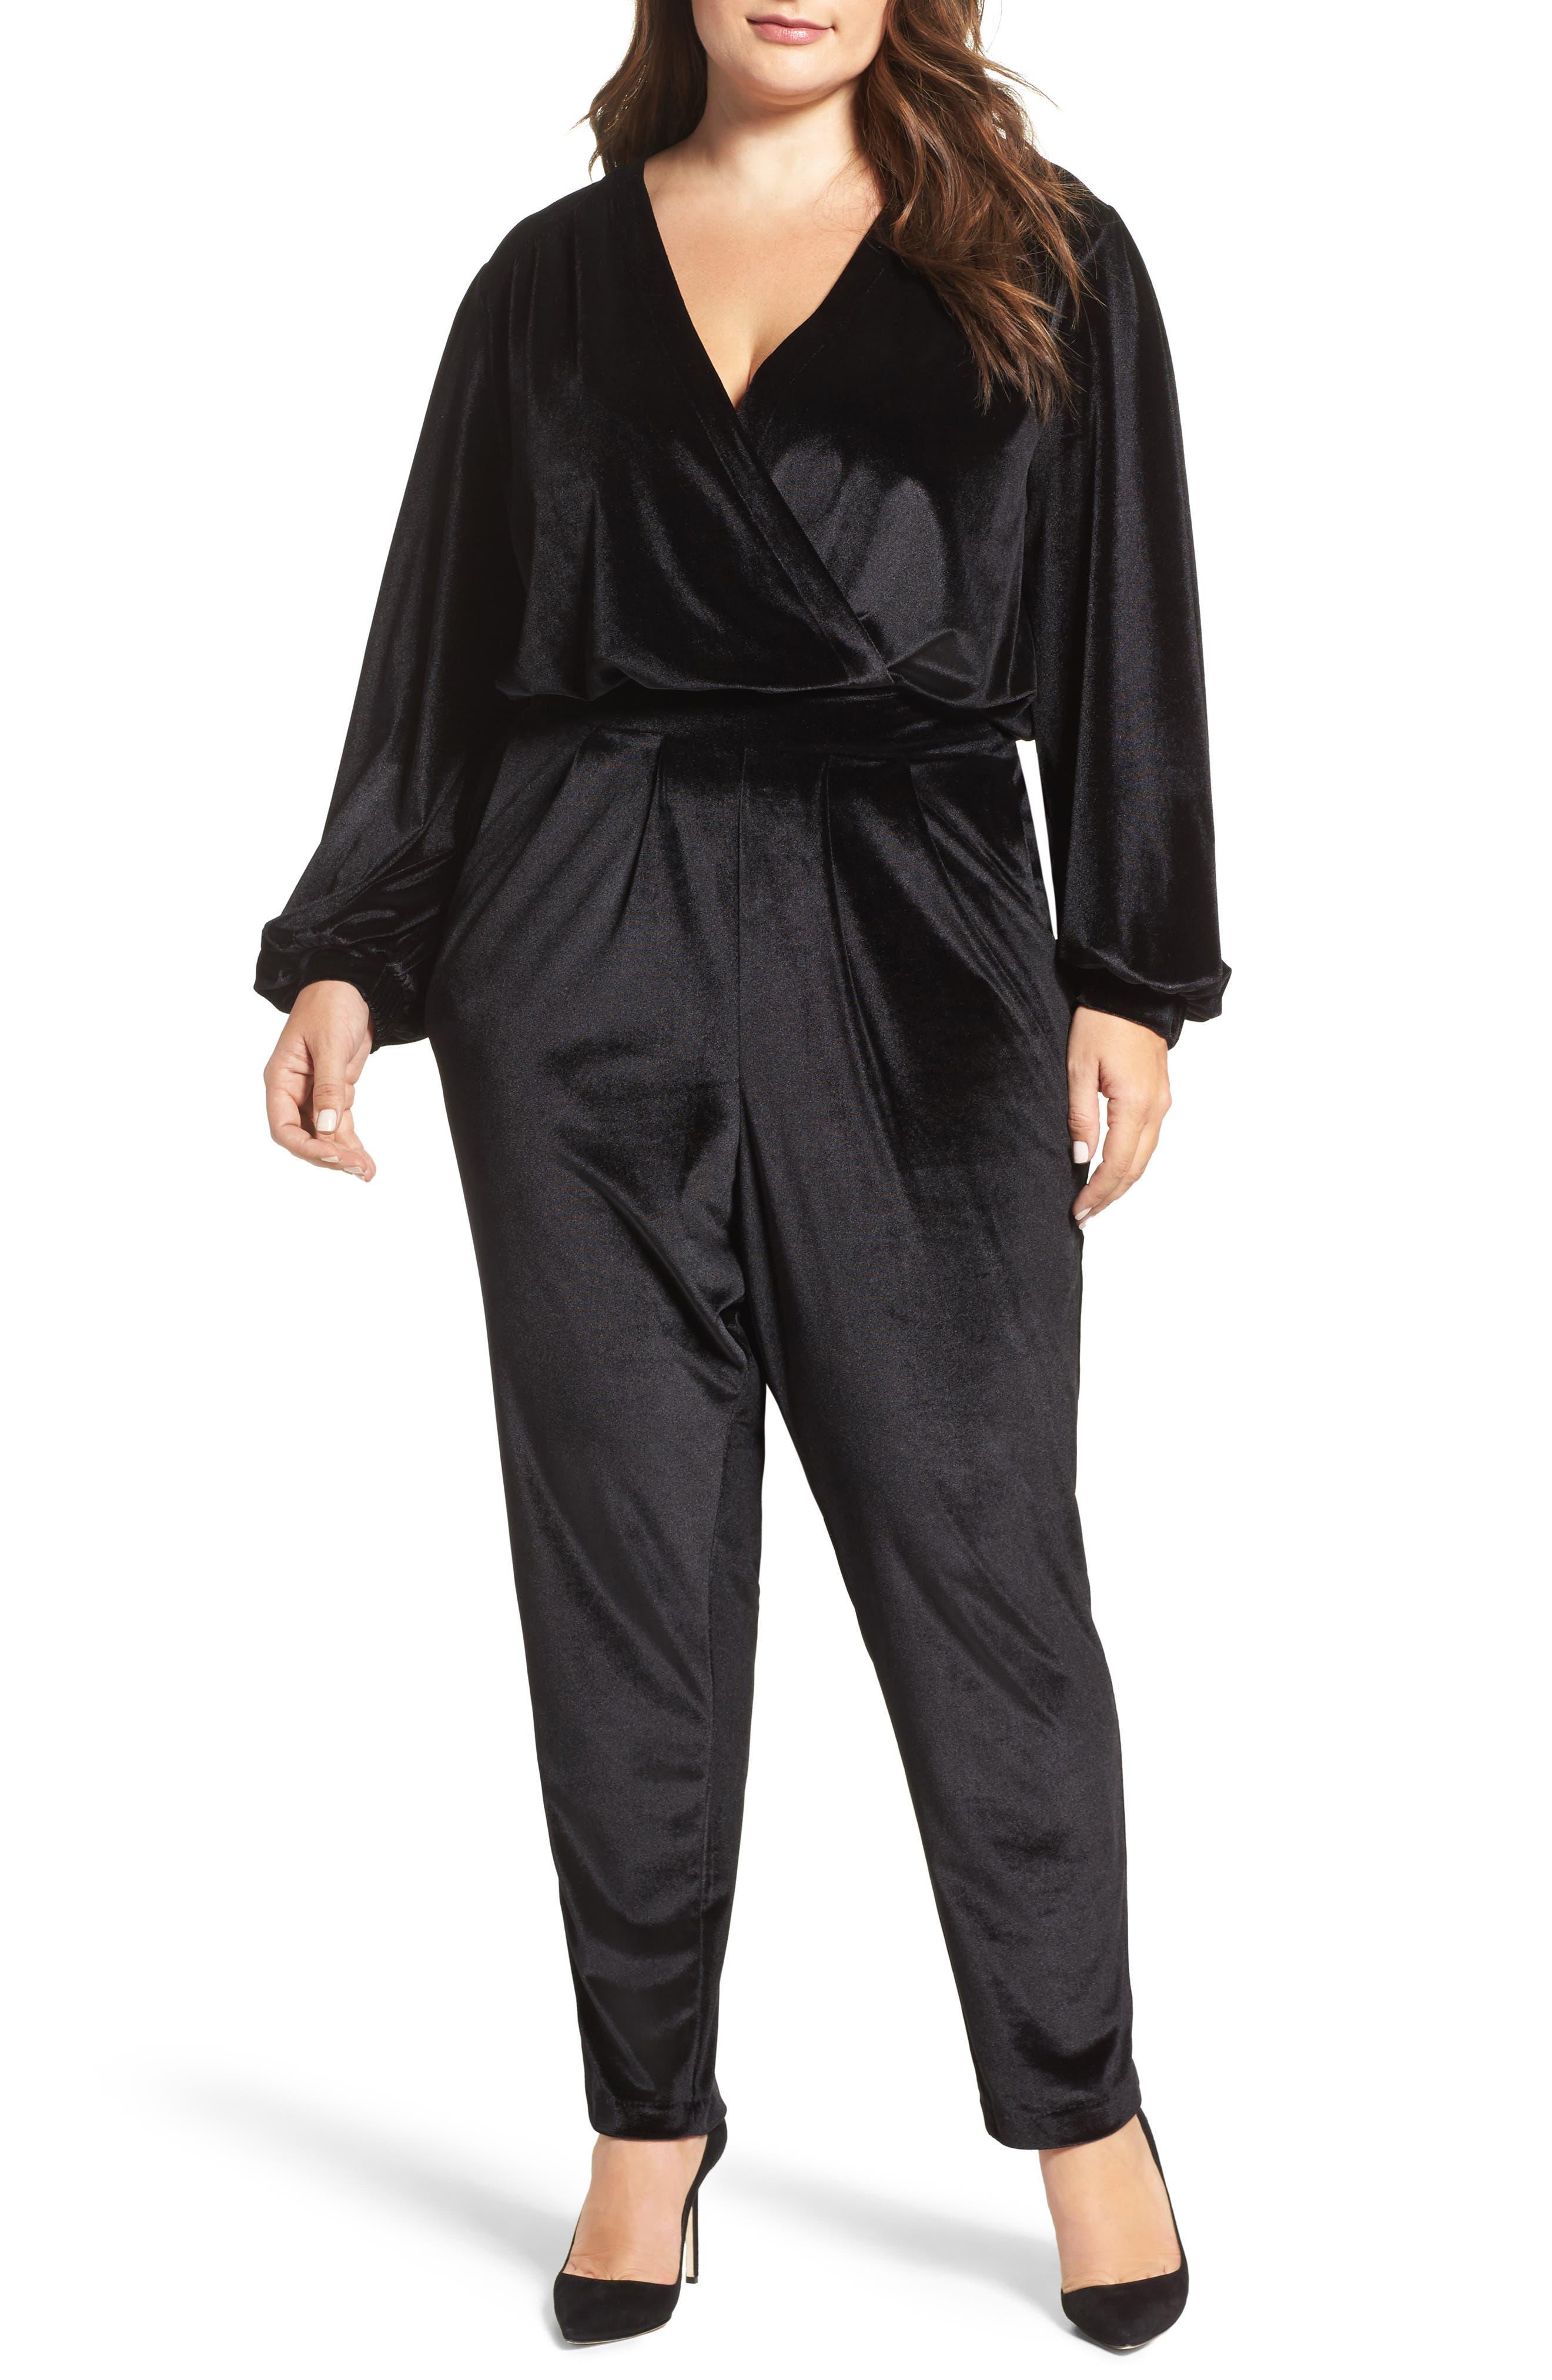 MELISSA MCCARTHY SEVEN7 Velvet Surplice Jumpsuit, Main, color, 001